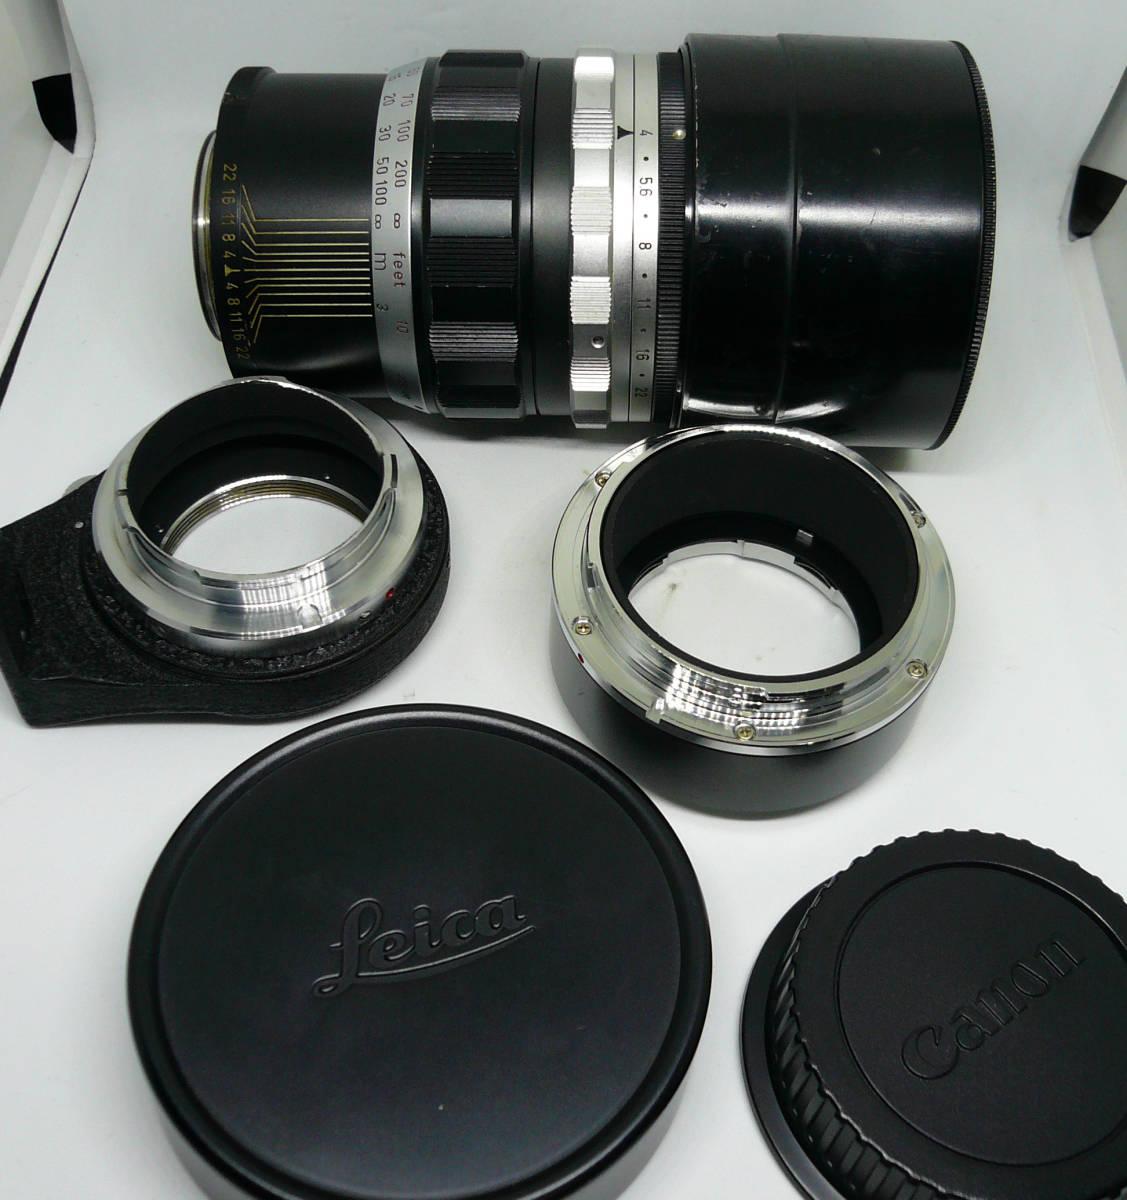 ライカ TELYT 200mm f4 + Eos 変換マウント付